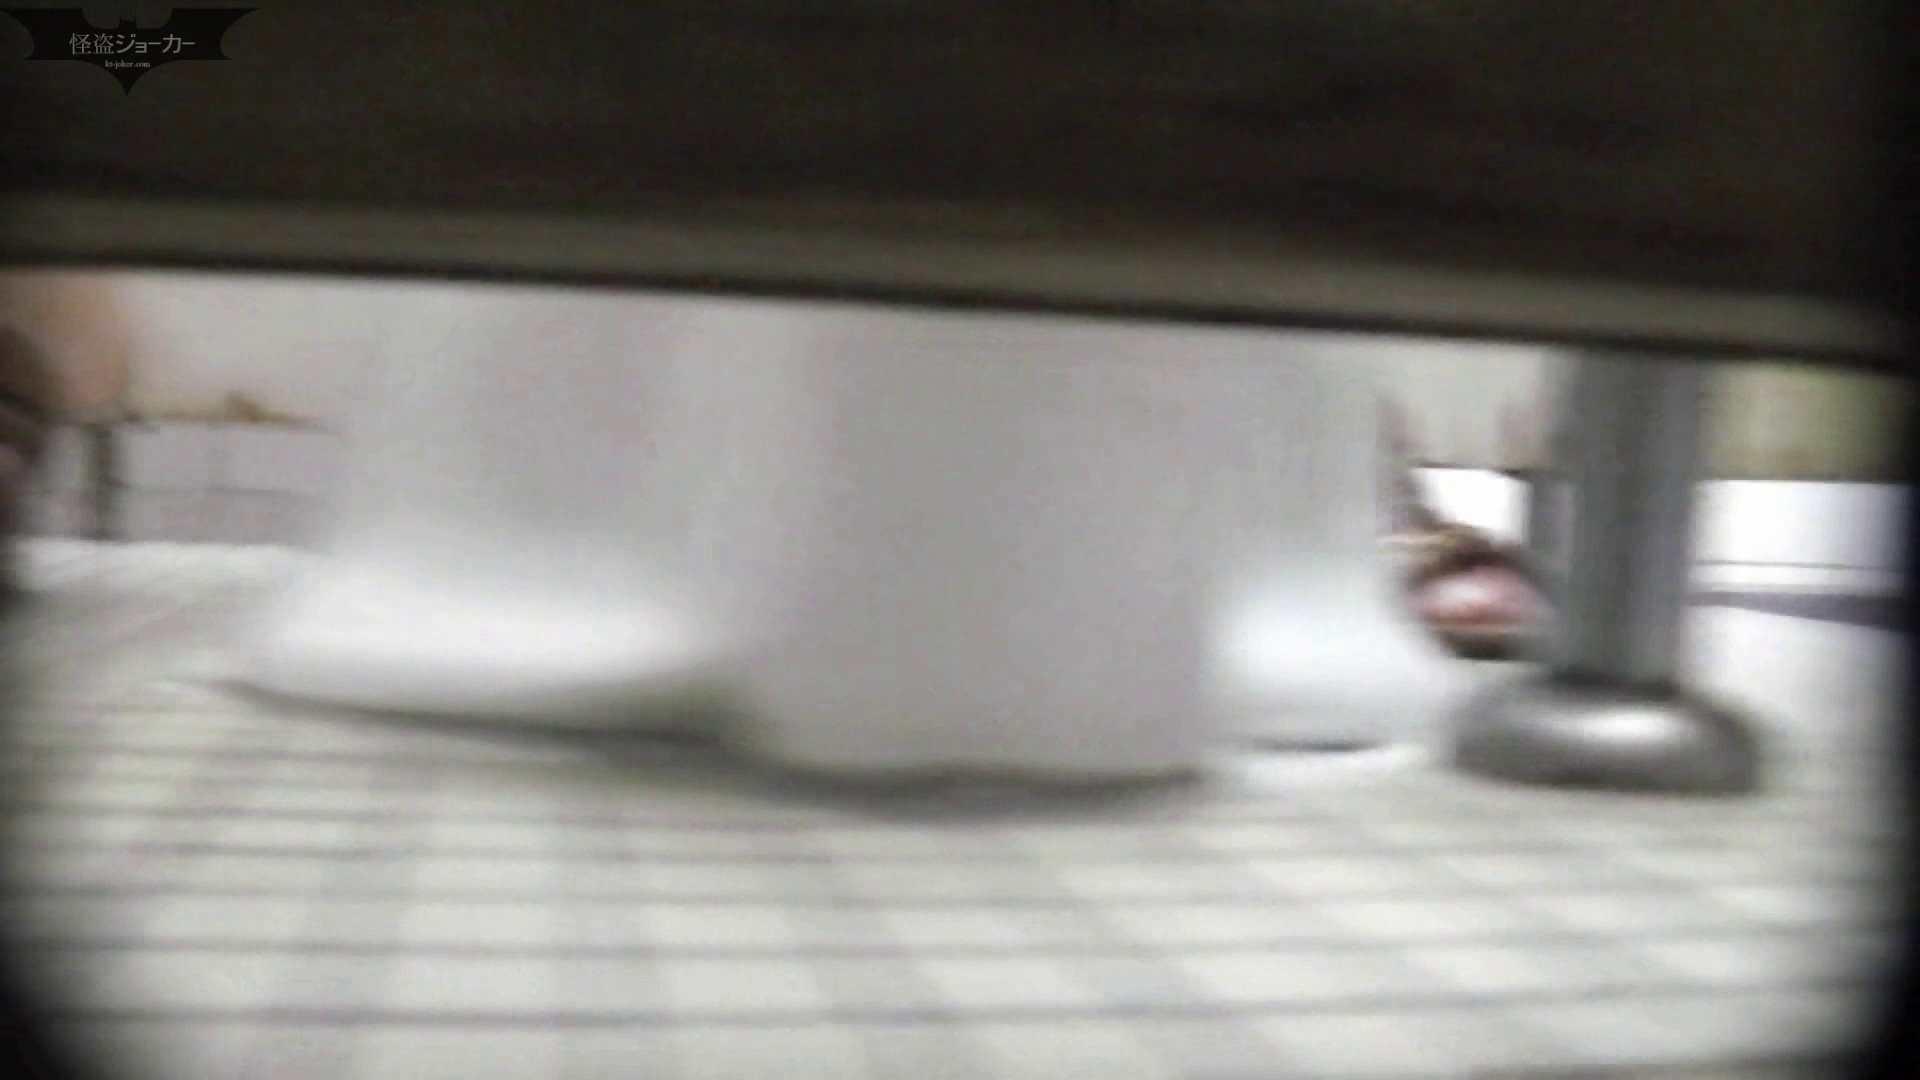 洗面所特攻隊 vol.56 白濁まみれのごっつい一本!!技あり 高評価 おまんこ無修正動画無料 110枚 76